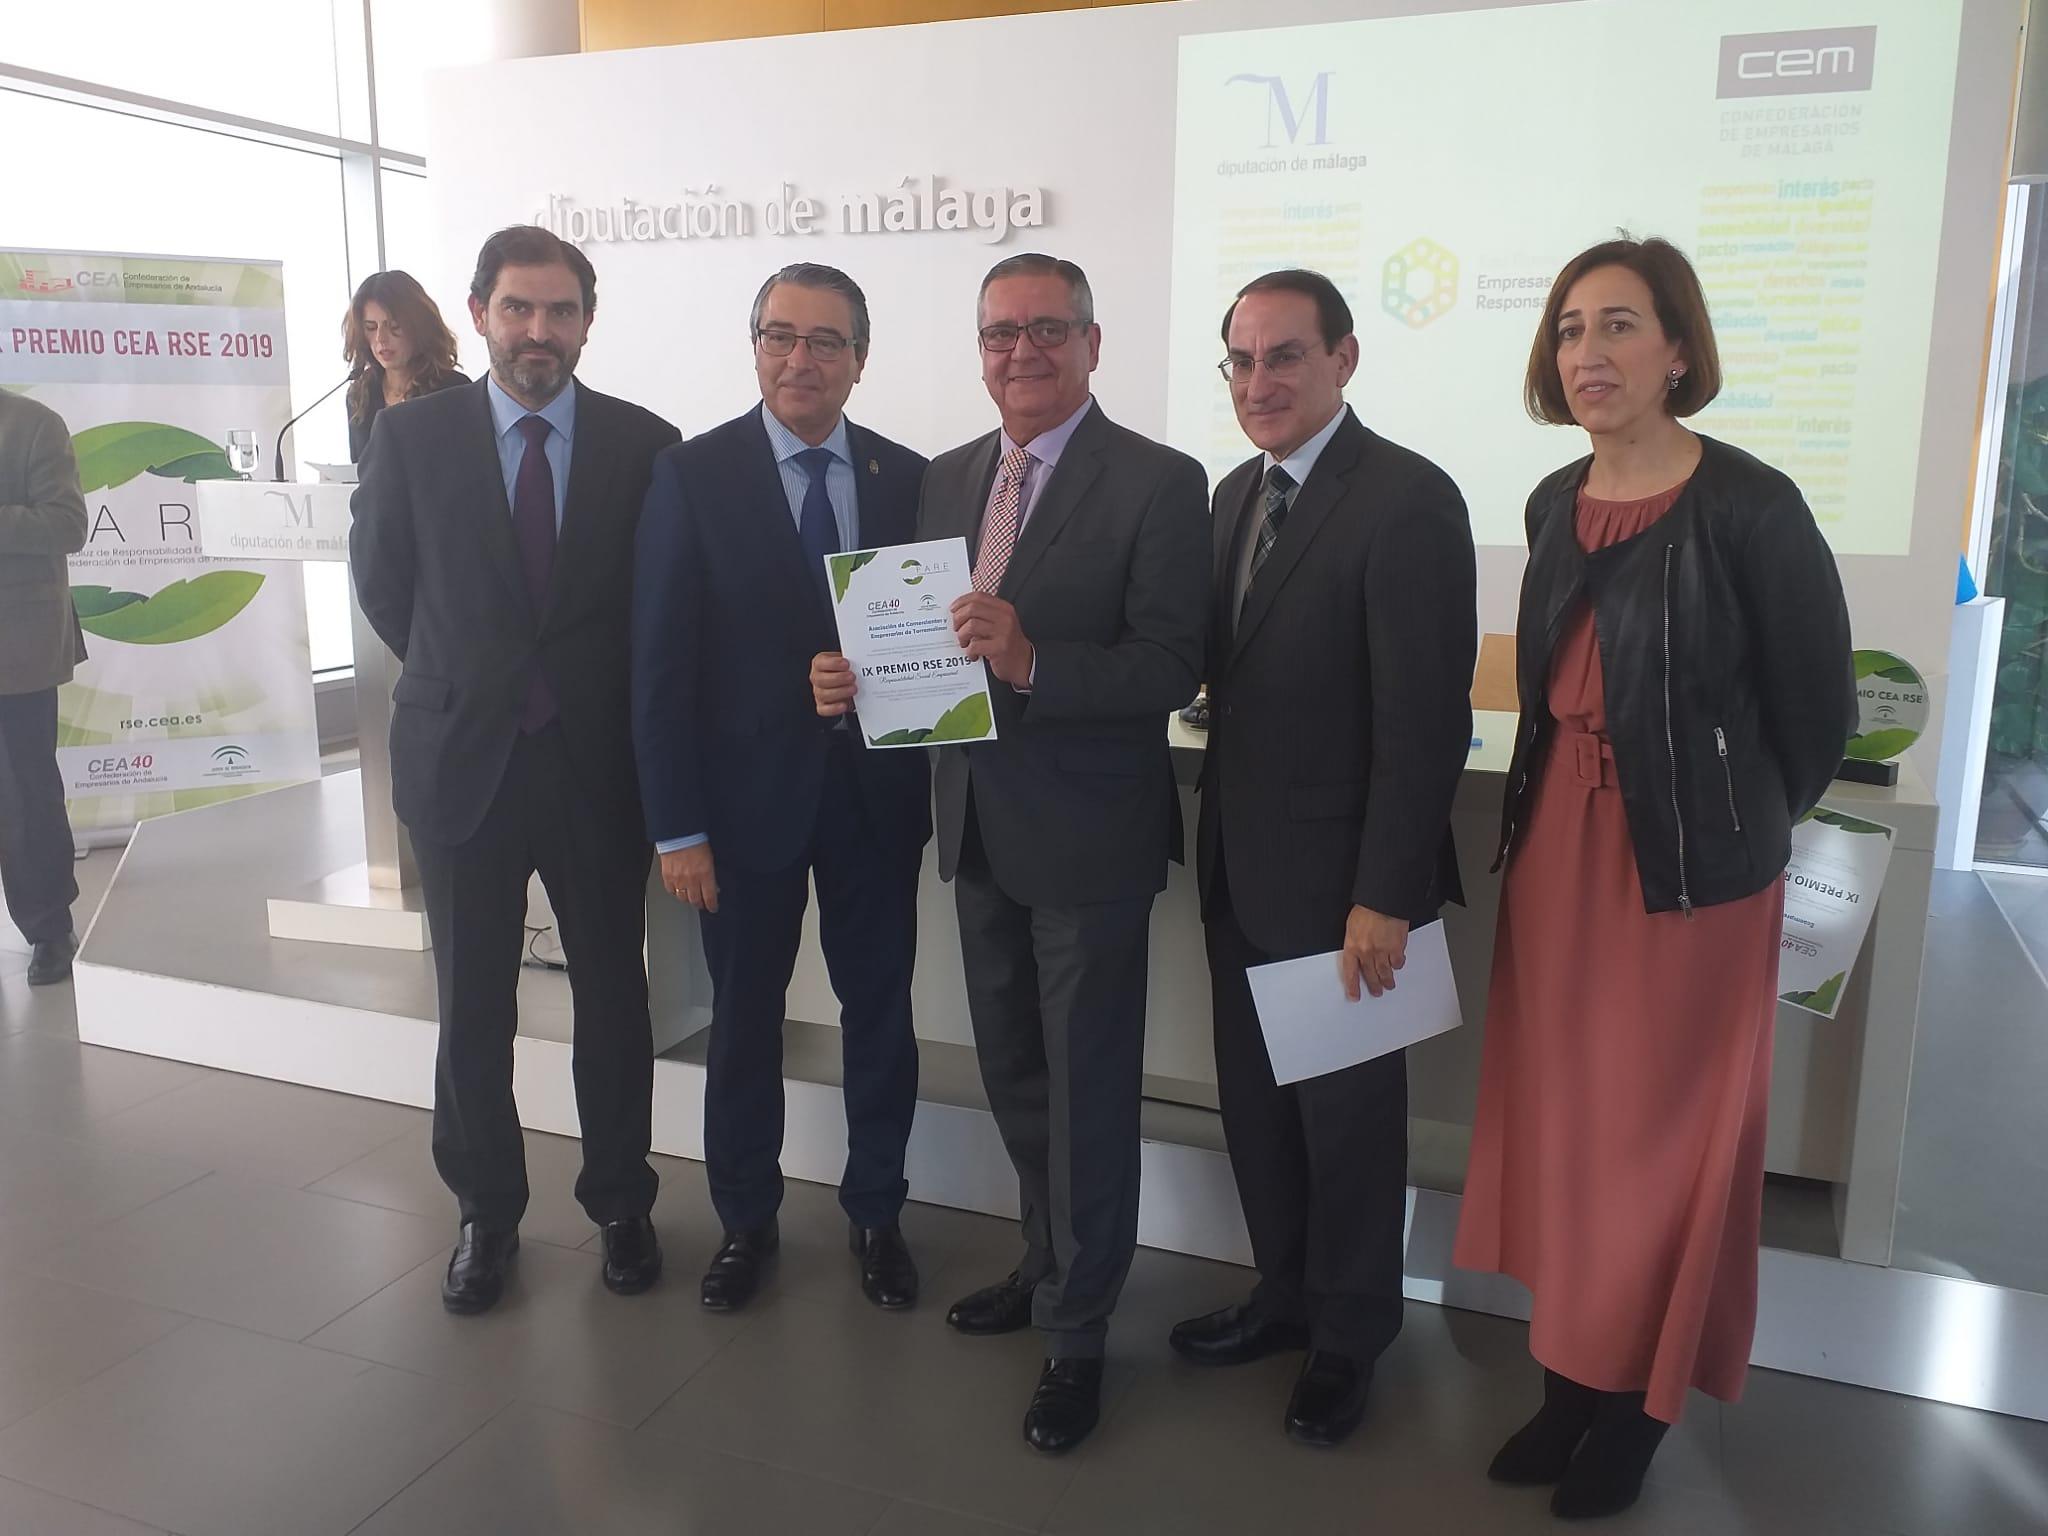 La Diputación de Málaga y la CEA distinguen a ACET con el galardón de Responsabilidad Social Empresarial